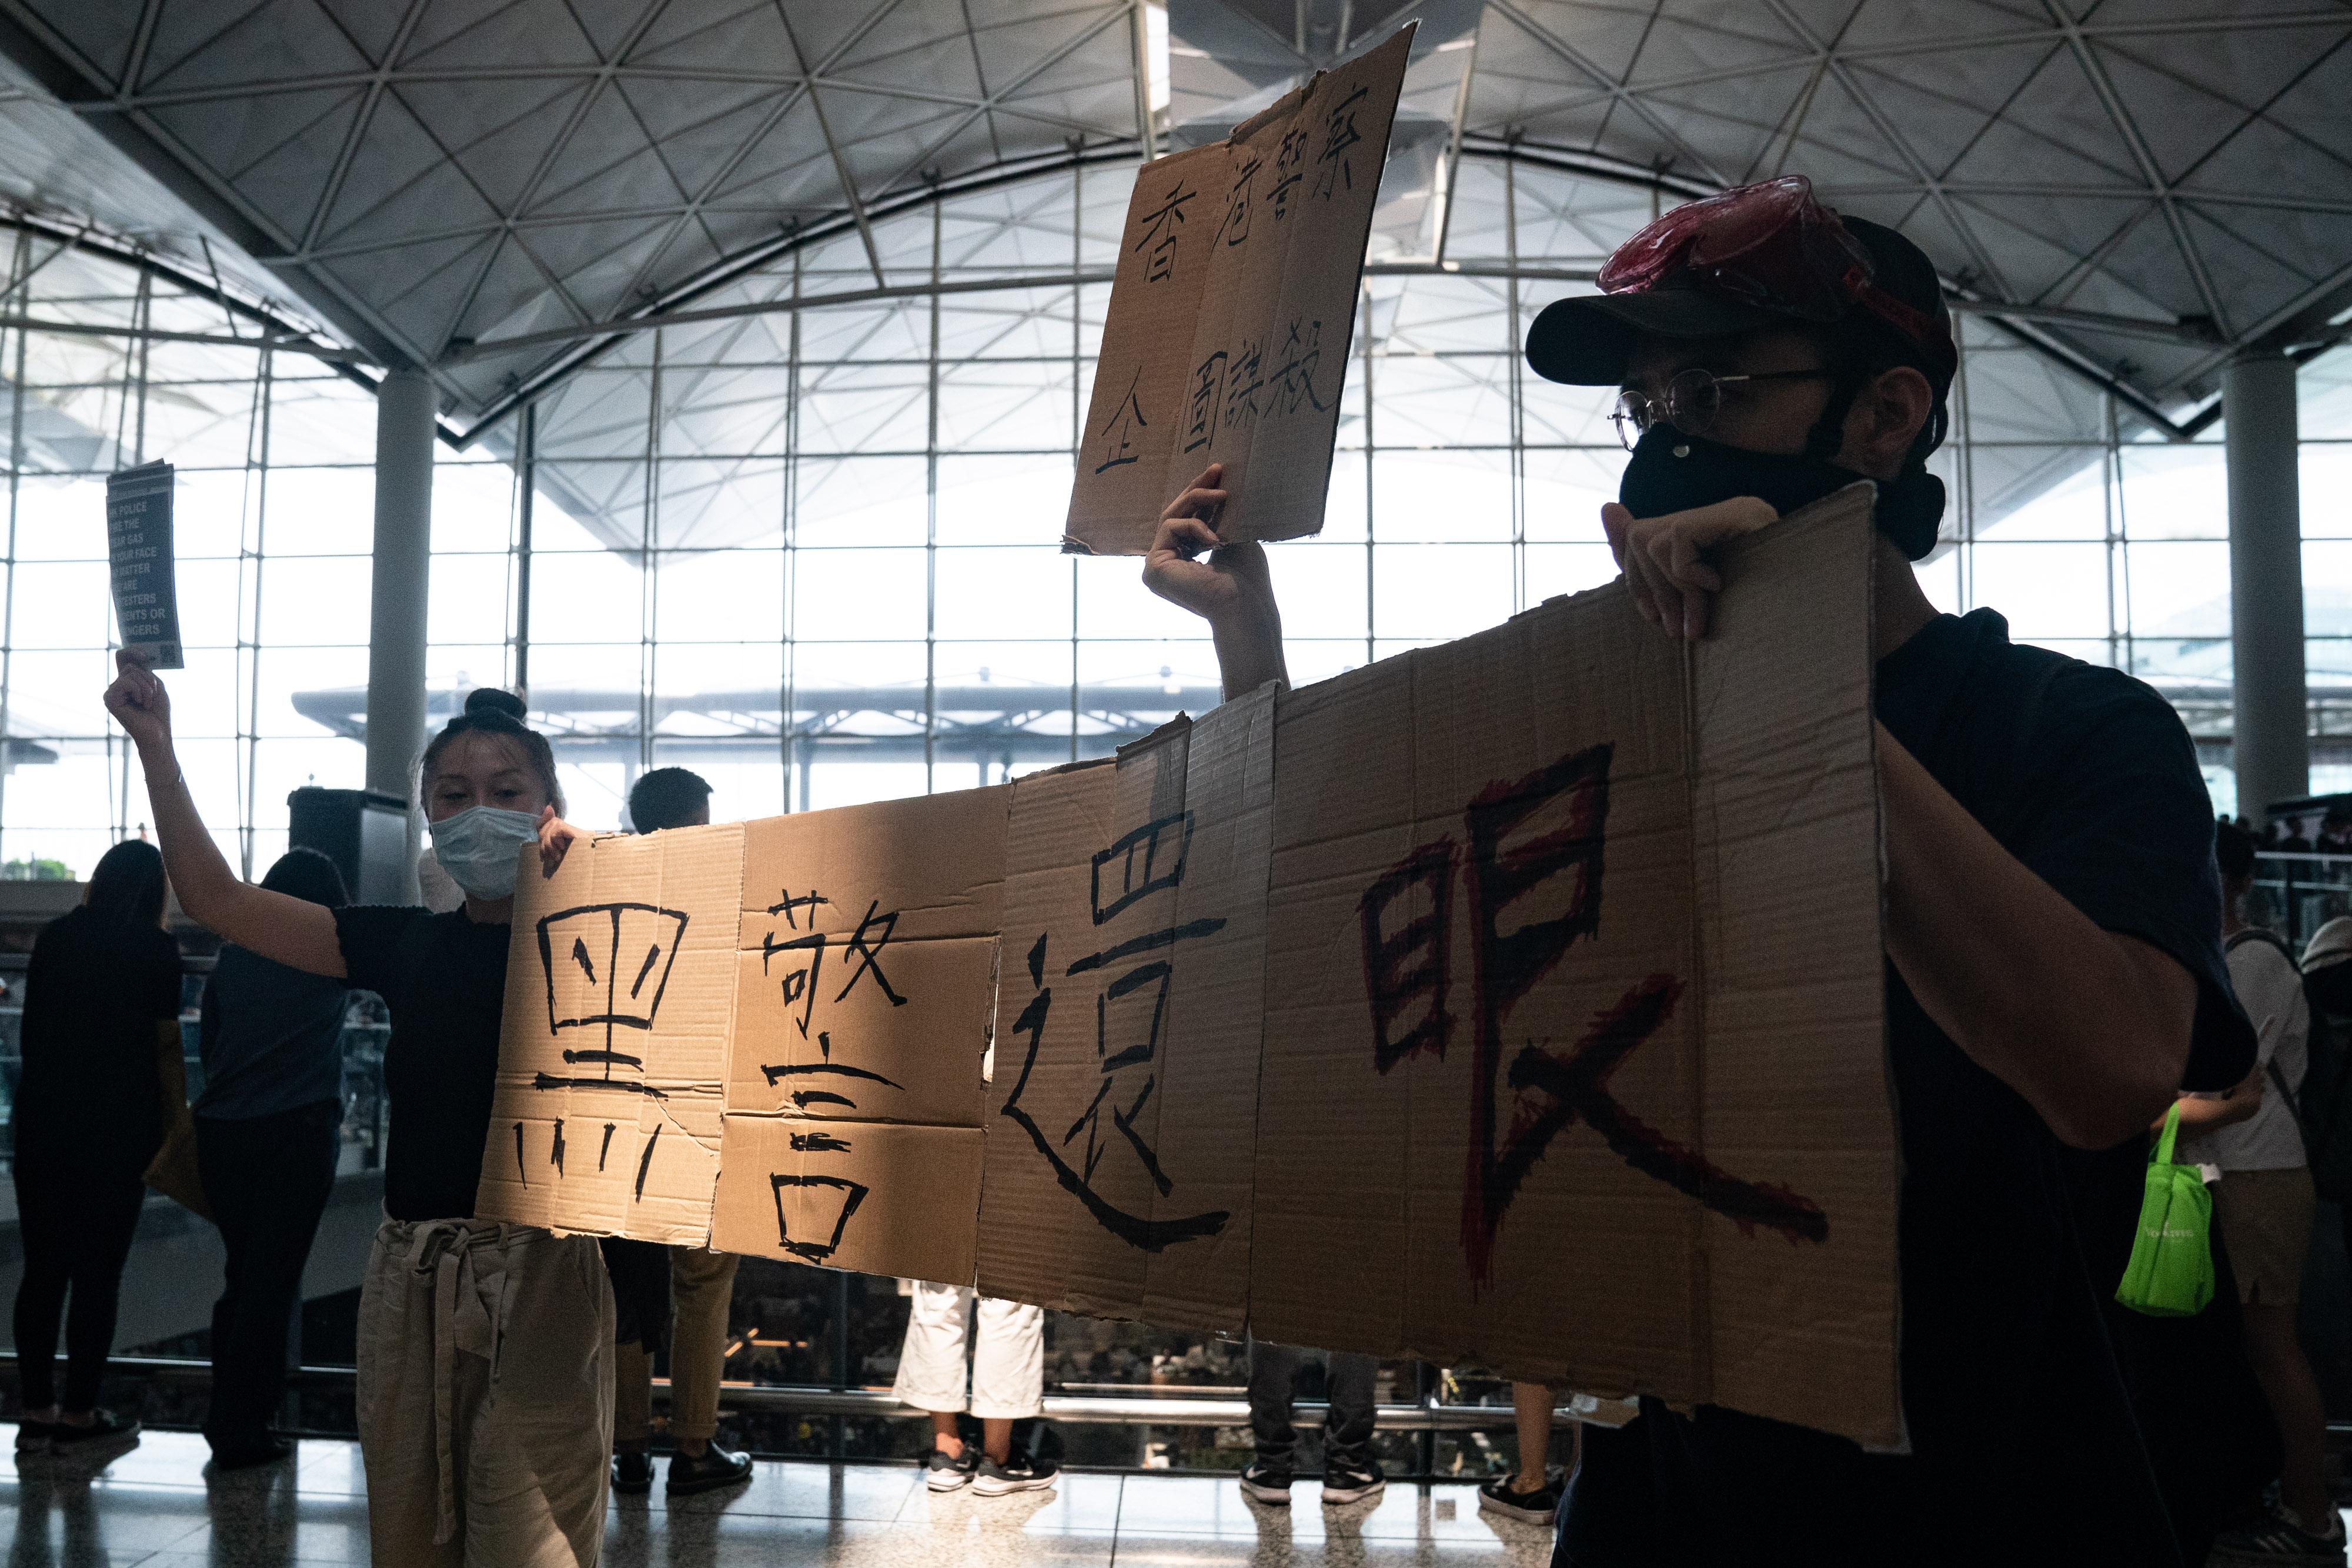 一名示威女子遭射中右眼有失明危險,引發香港民眾強烈憤慨。(Anthony Kwan / Getty Images)